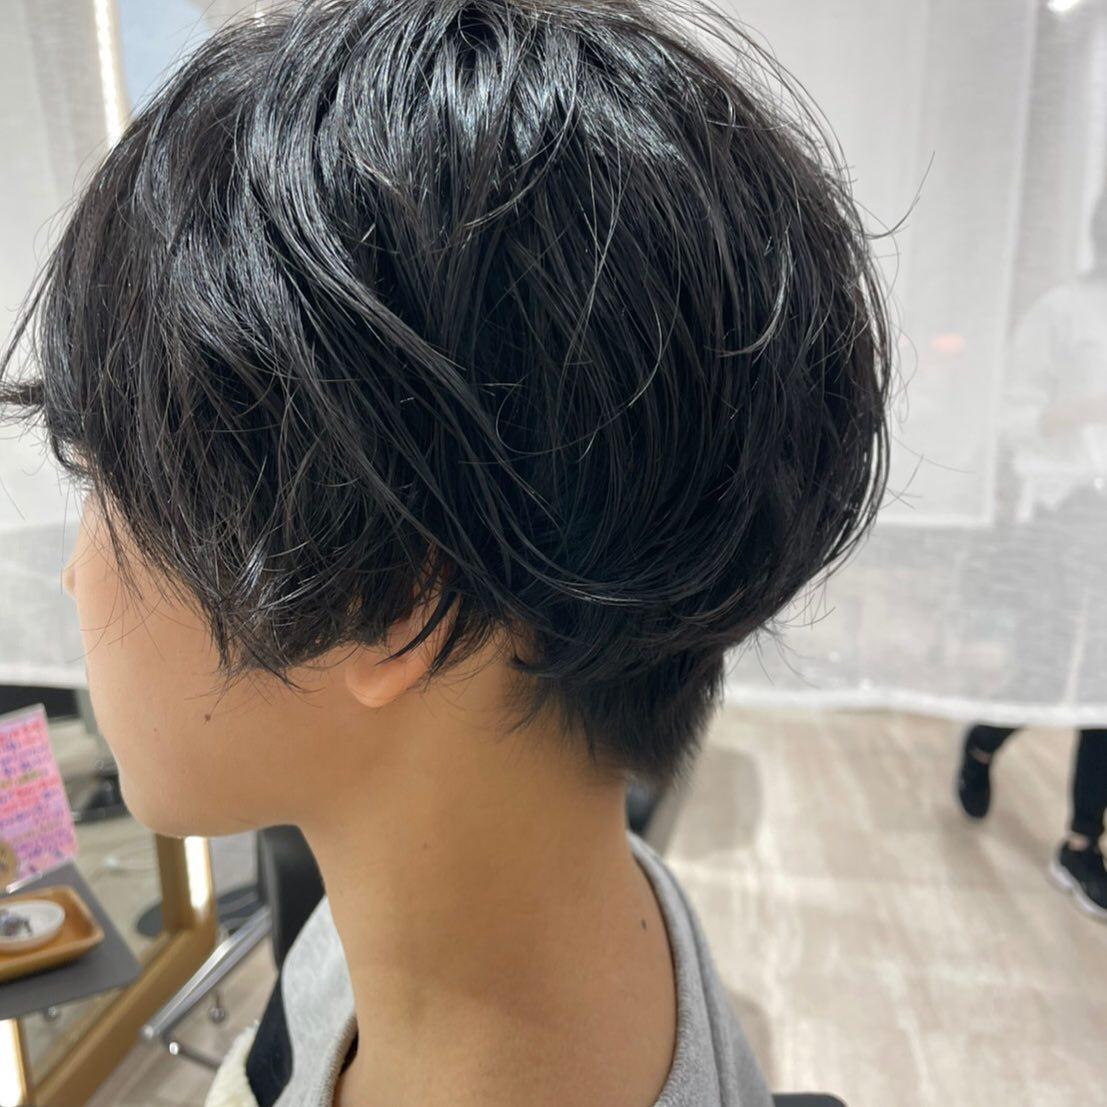 平日  10:00〜20:00lastcut 18:30 other 18:00土日祝  9:00〜19:00lastcut 18:00 other 17:00close  wednesdayhttp://www.totti-hd.com初パーマでゆるウェーブ🤩#totti#perm #cut #hairstyle #haircolor #hairarrange #stylist #care #carelist #aujua #イルミナカラー #headspa #treatment #美容院#着付け